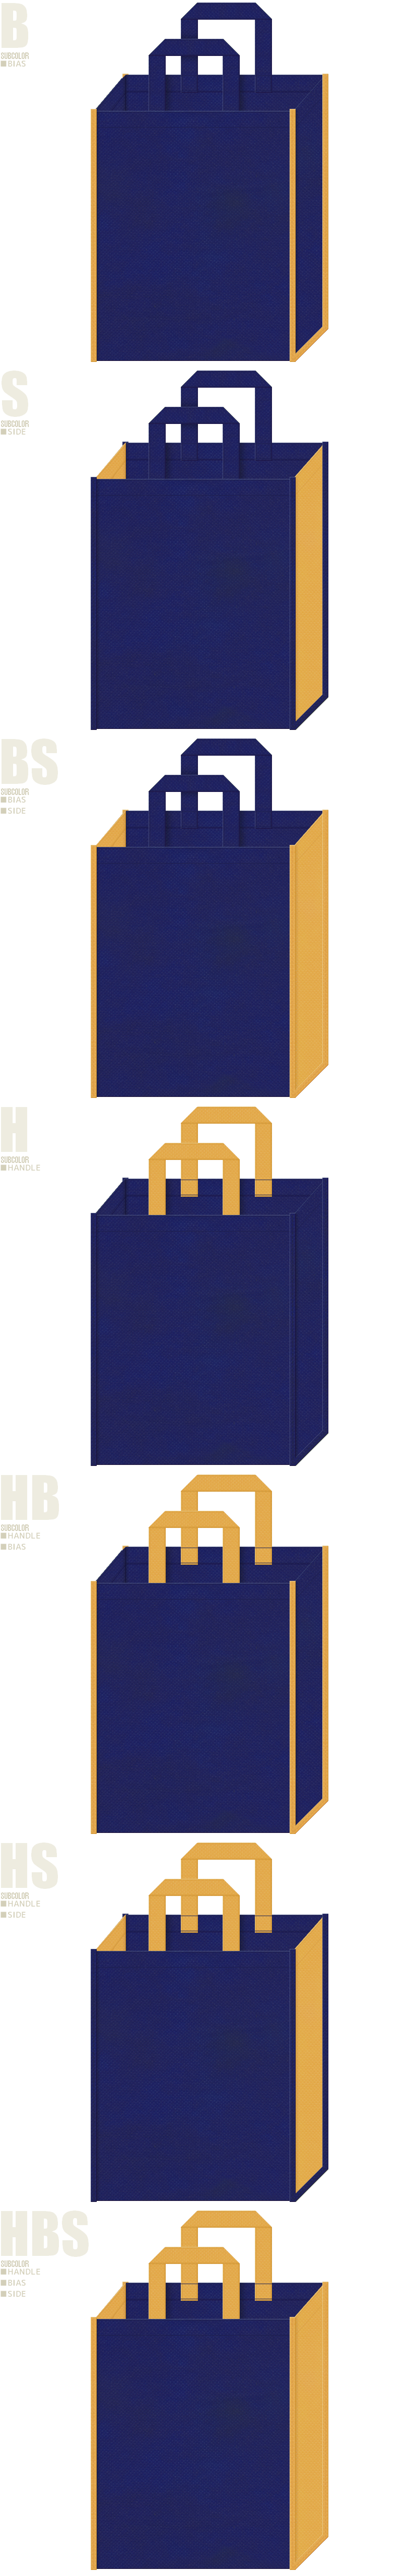 不織布バッグのデザイン:明るい紺色と黄土色の配色7パターン